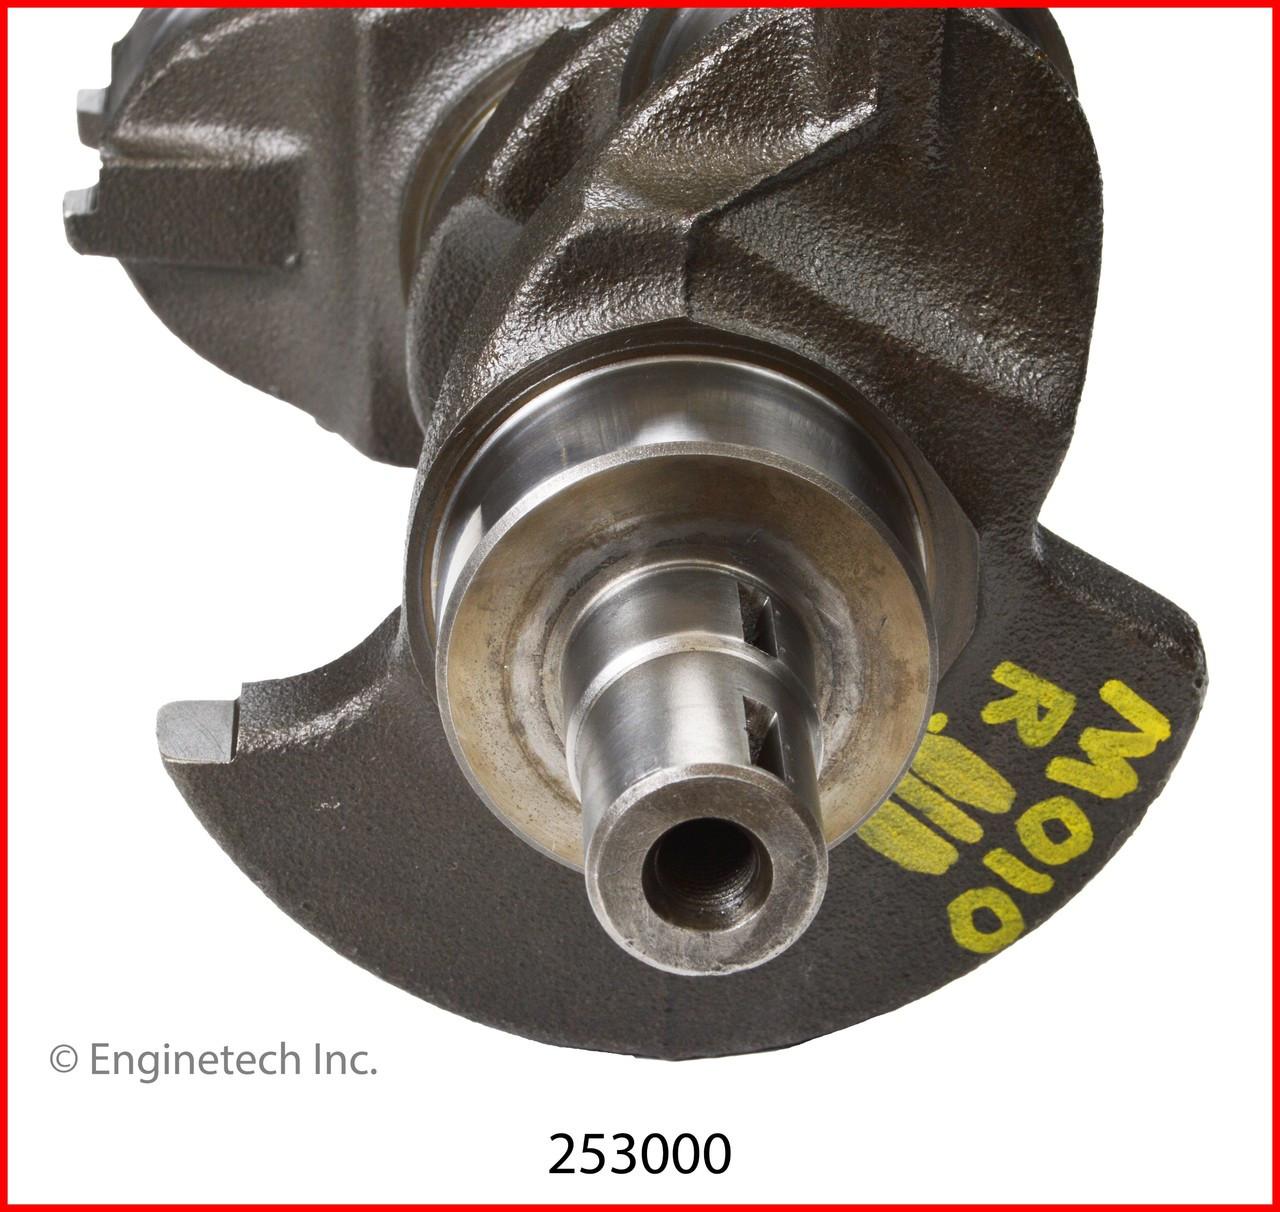 Crankshaft Kit - 1988 American Motors Eagle 4.2L (253000.A4)